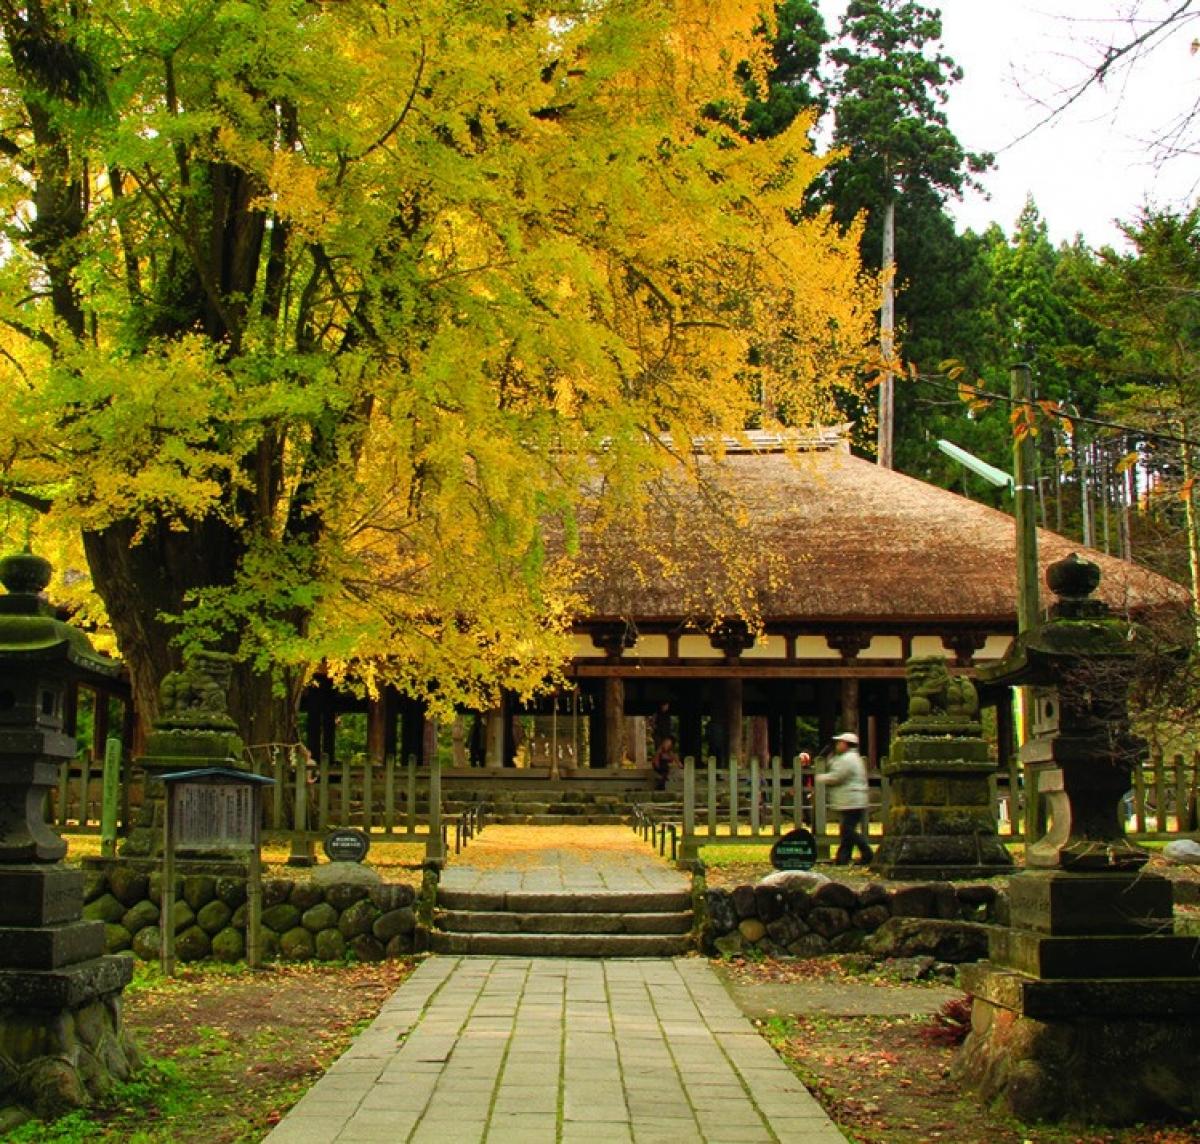 Đền Shingu Kumano được coi là tài sản văn hóa quan trọng của Nhật Bản. Được xây dựng từ thời kỳ Heian, kiến trúc của ngôi đền có những thay đổi theo thời gian. Ngày nay, du khách có thể tham quan những di sản văn hóa của Fukushima và Nhật Bản được lưu giữ tại đây. Ngoài ra, trong khuôn viên ngôi đền còn có một cây bạch quả cổ thụ 800 tuổi, mỗi mùa thu đến, lá cây đổi màu nhuộm vàng cả không gian xung quanh.